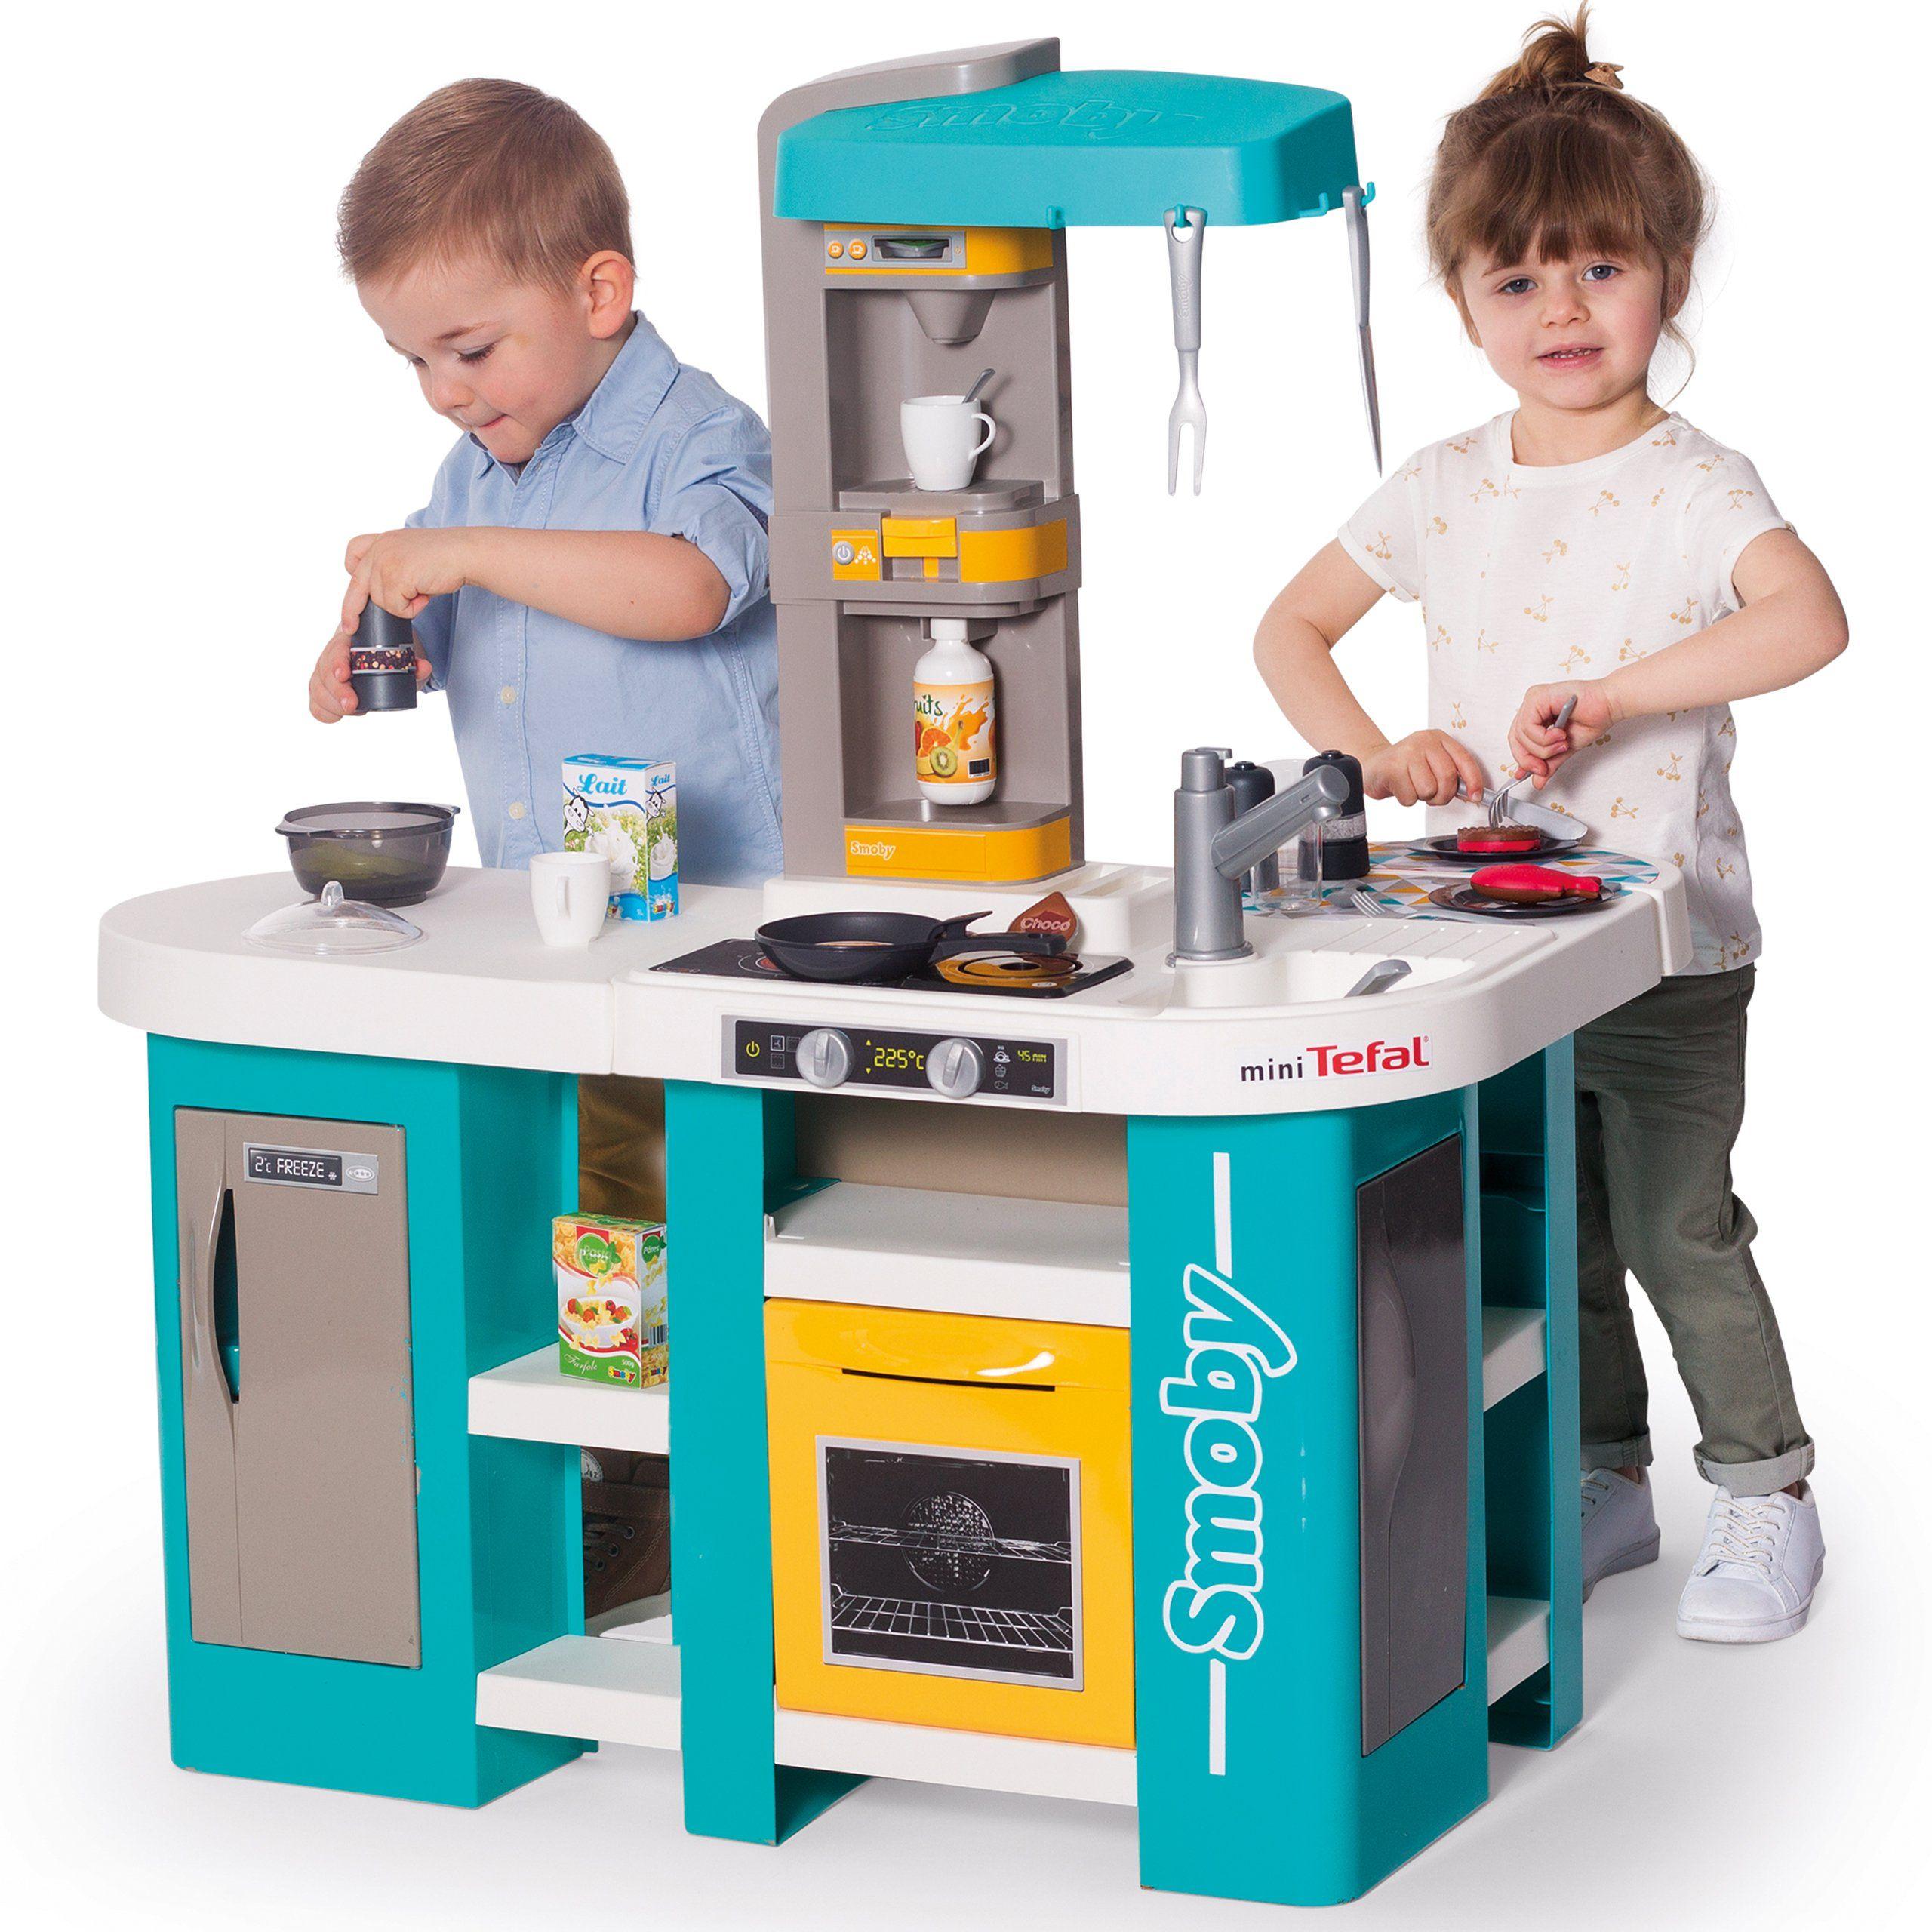 Duza Kuchnia Dla Dzieci 34 Akc Tefal Studio Xl Bubble Smoby Brykacze Pl Internetowy Sklep Z Zabawkami Dla Dzieci Studio Kitchen Tefal Bubbles